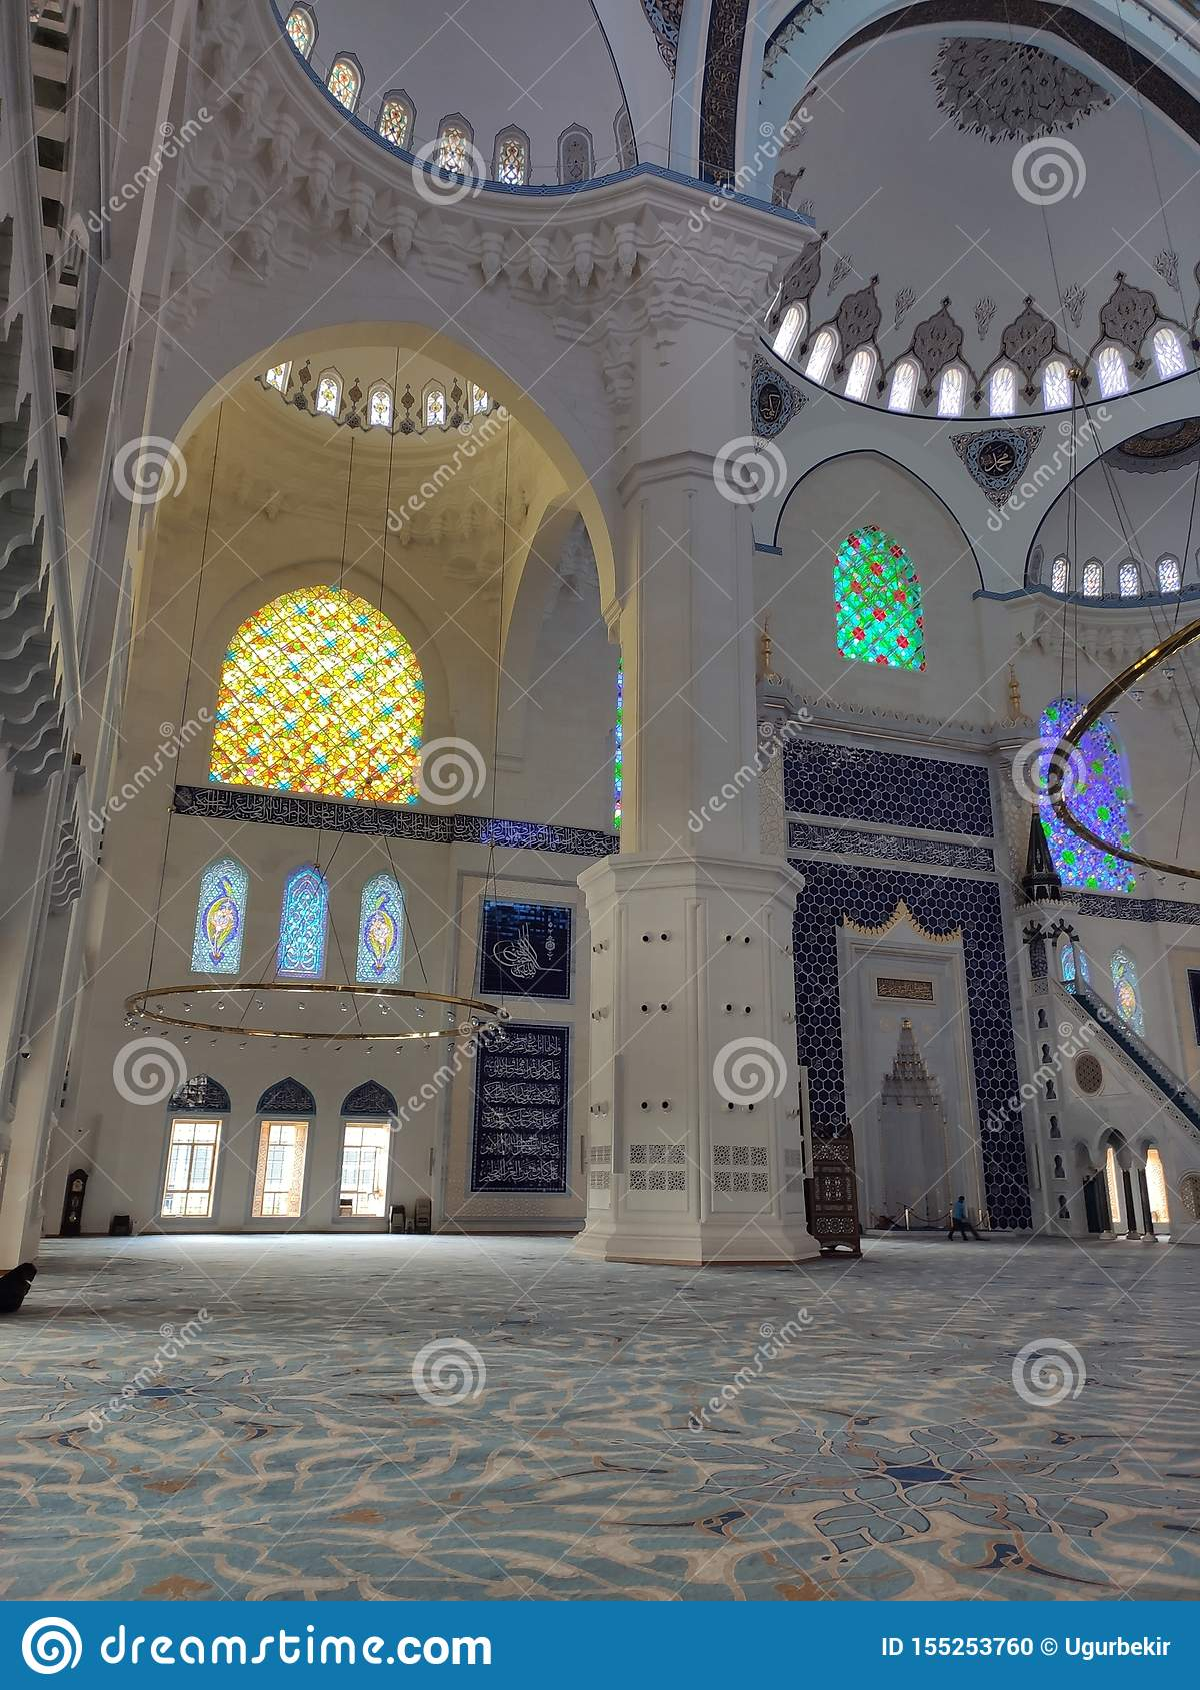 04 Augustus 19 CAMLICA-de mening van de MOSKEEbinnenplaats in Istanboel, Turkije De Camlicamoskee is de grootste moskee van Turki